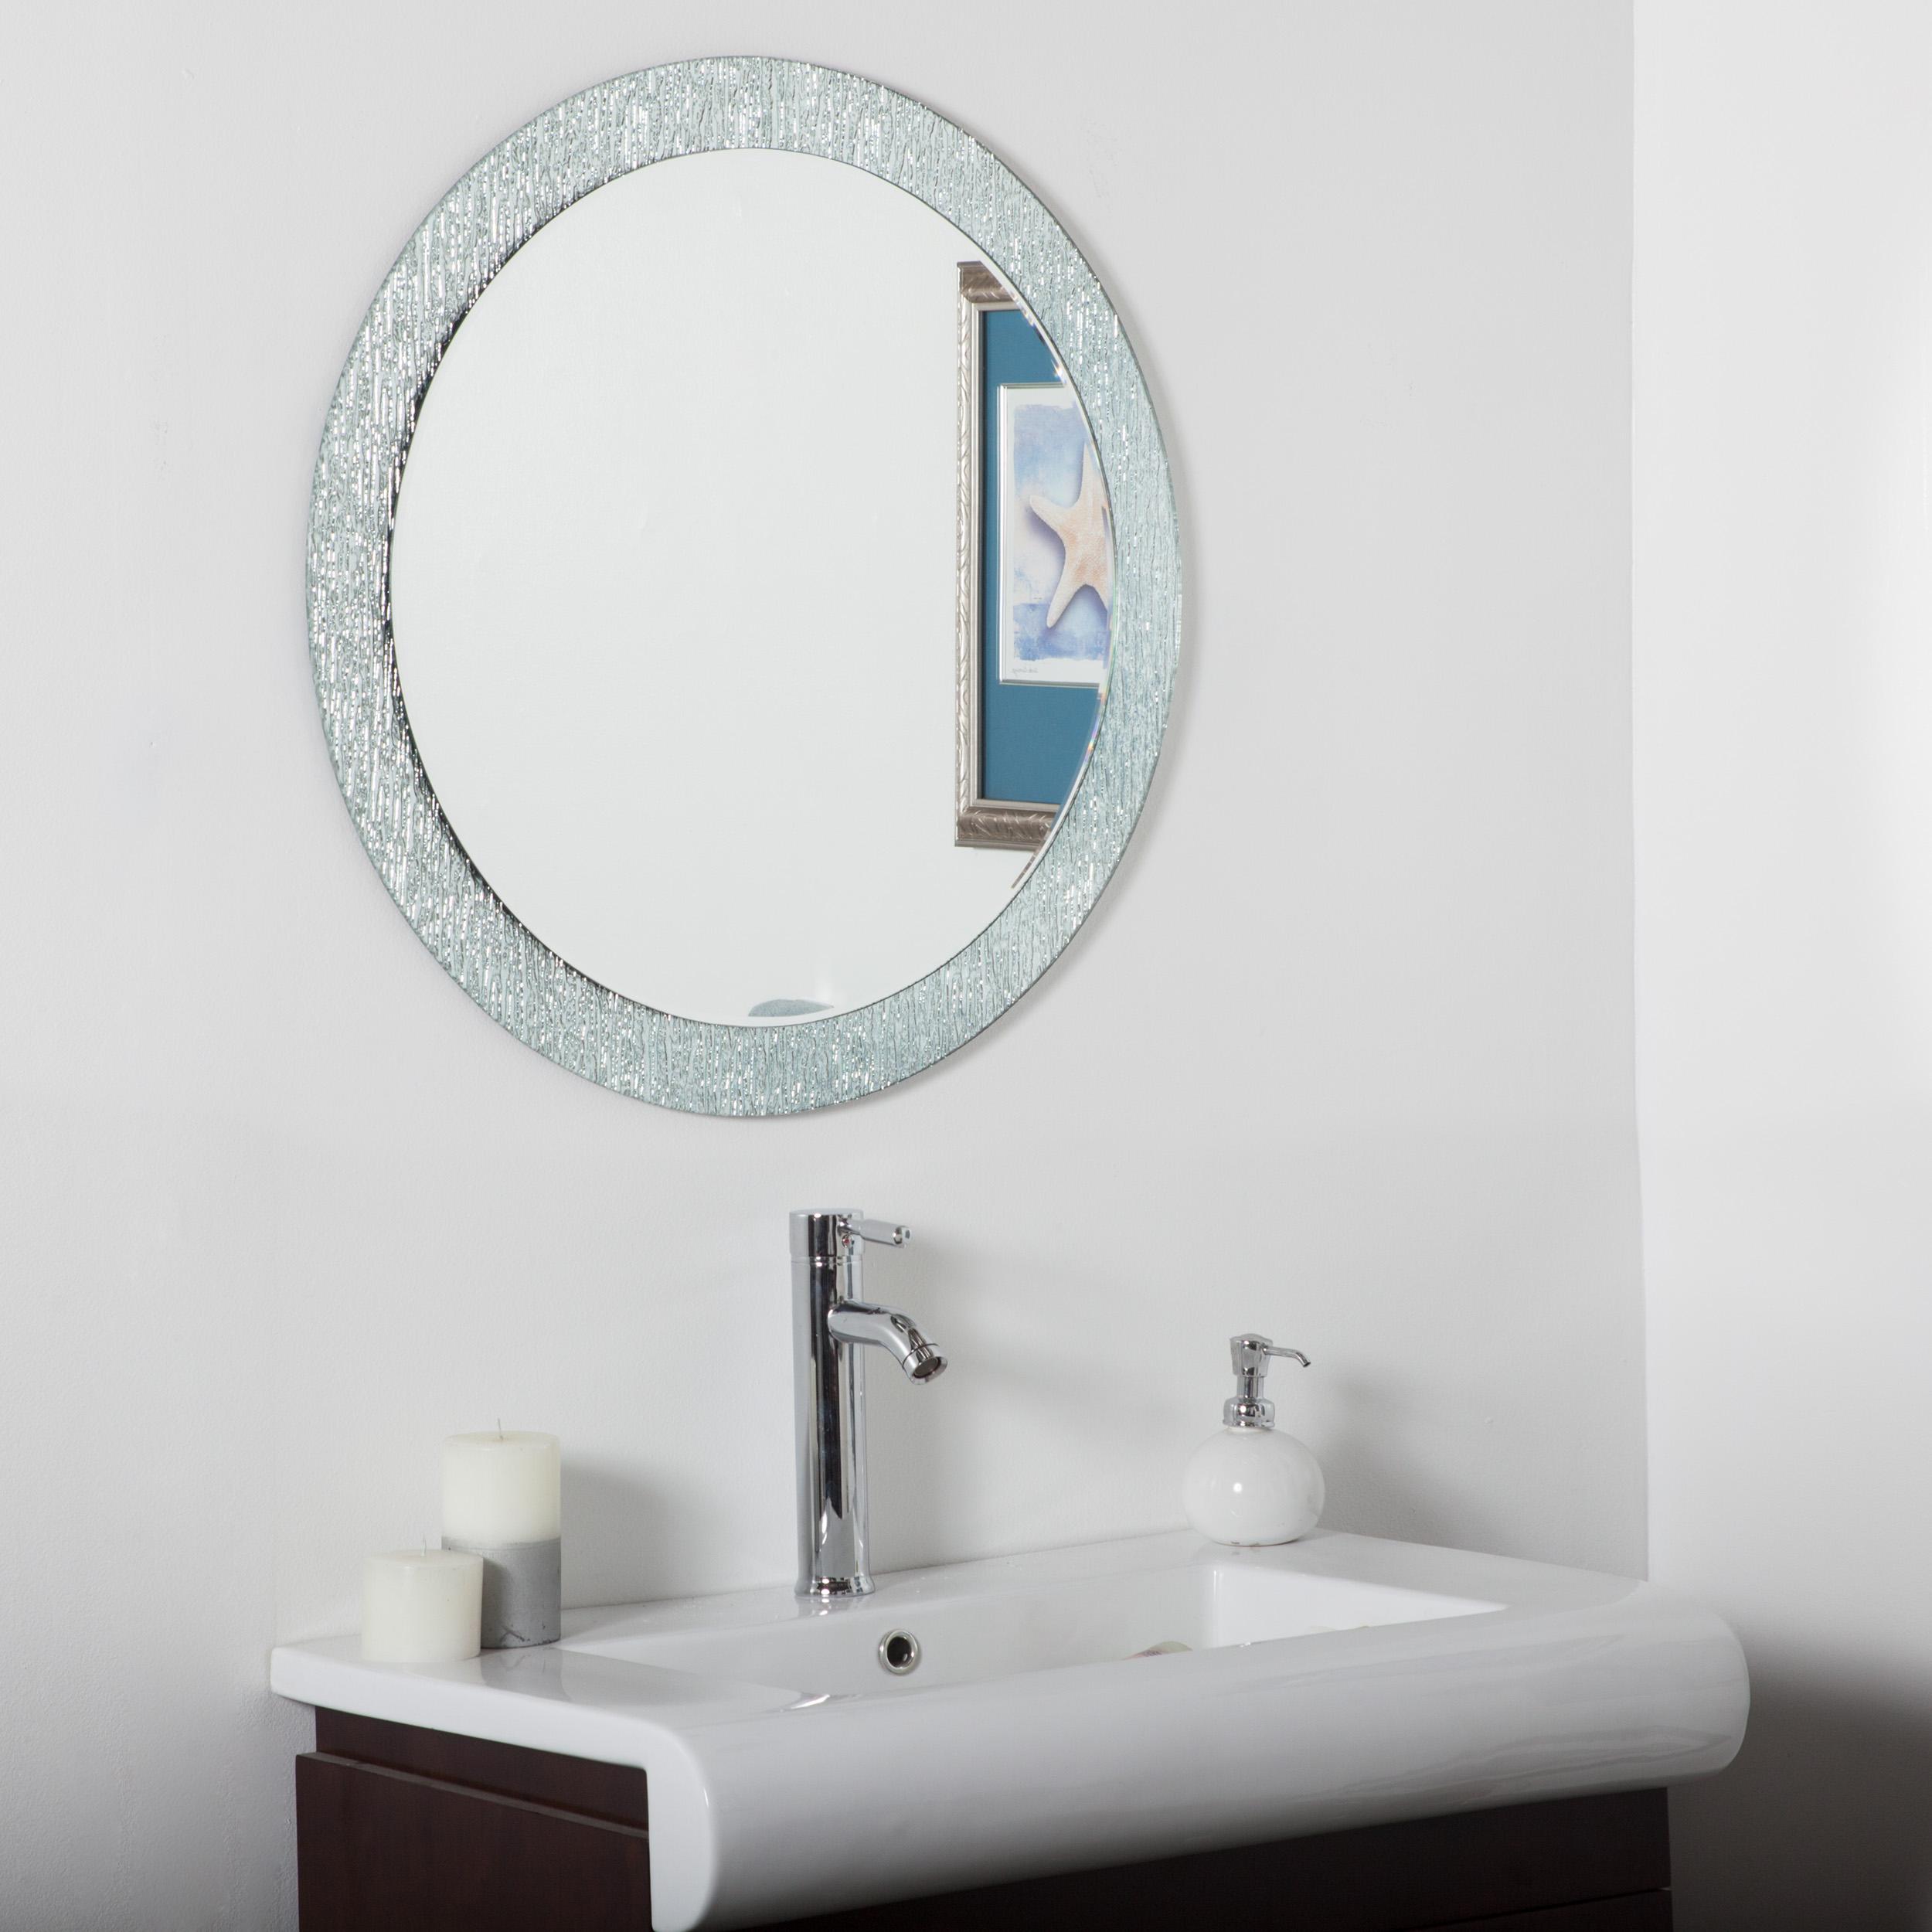 Décor Wonderland Molten bathroom mirror (round) 27.6 inx27.6 in